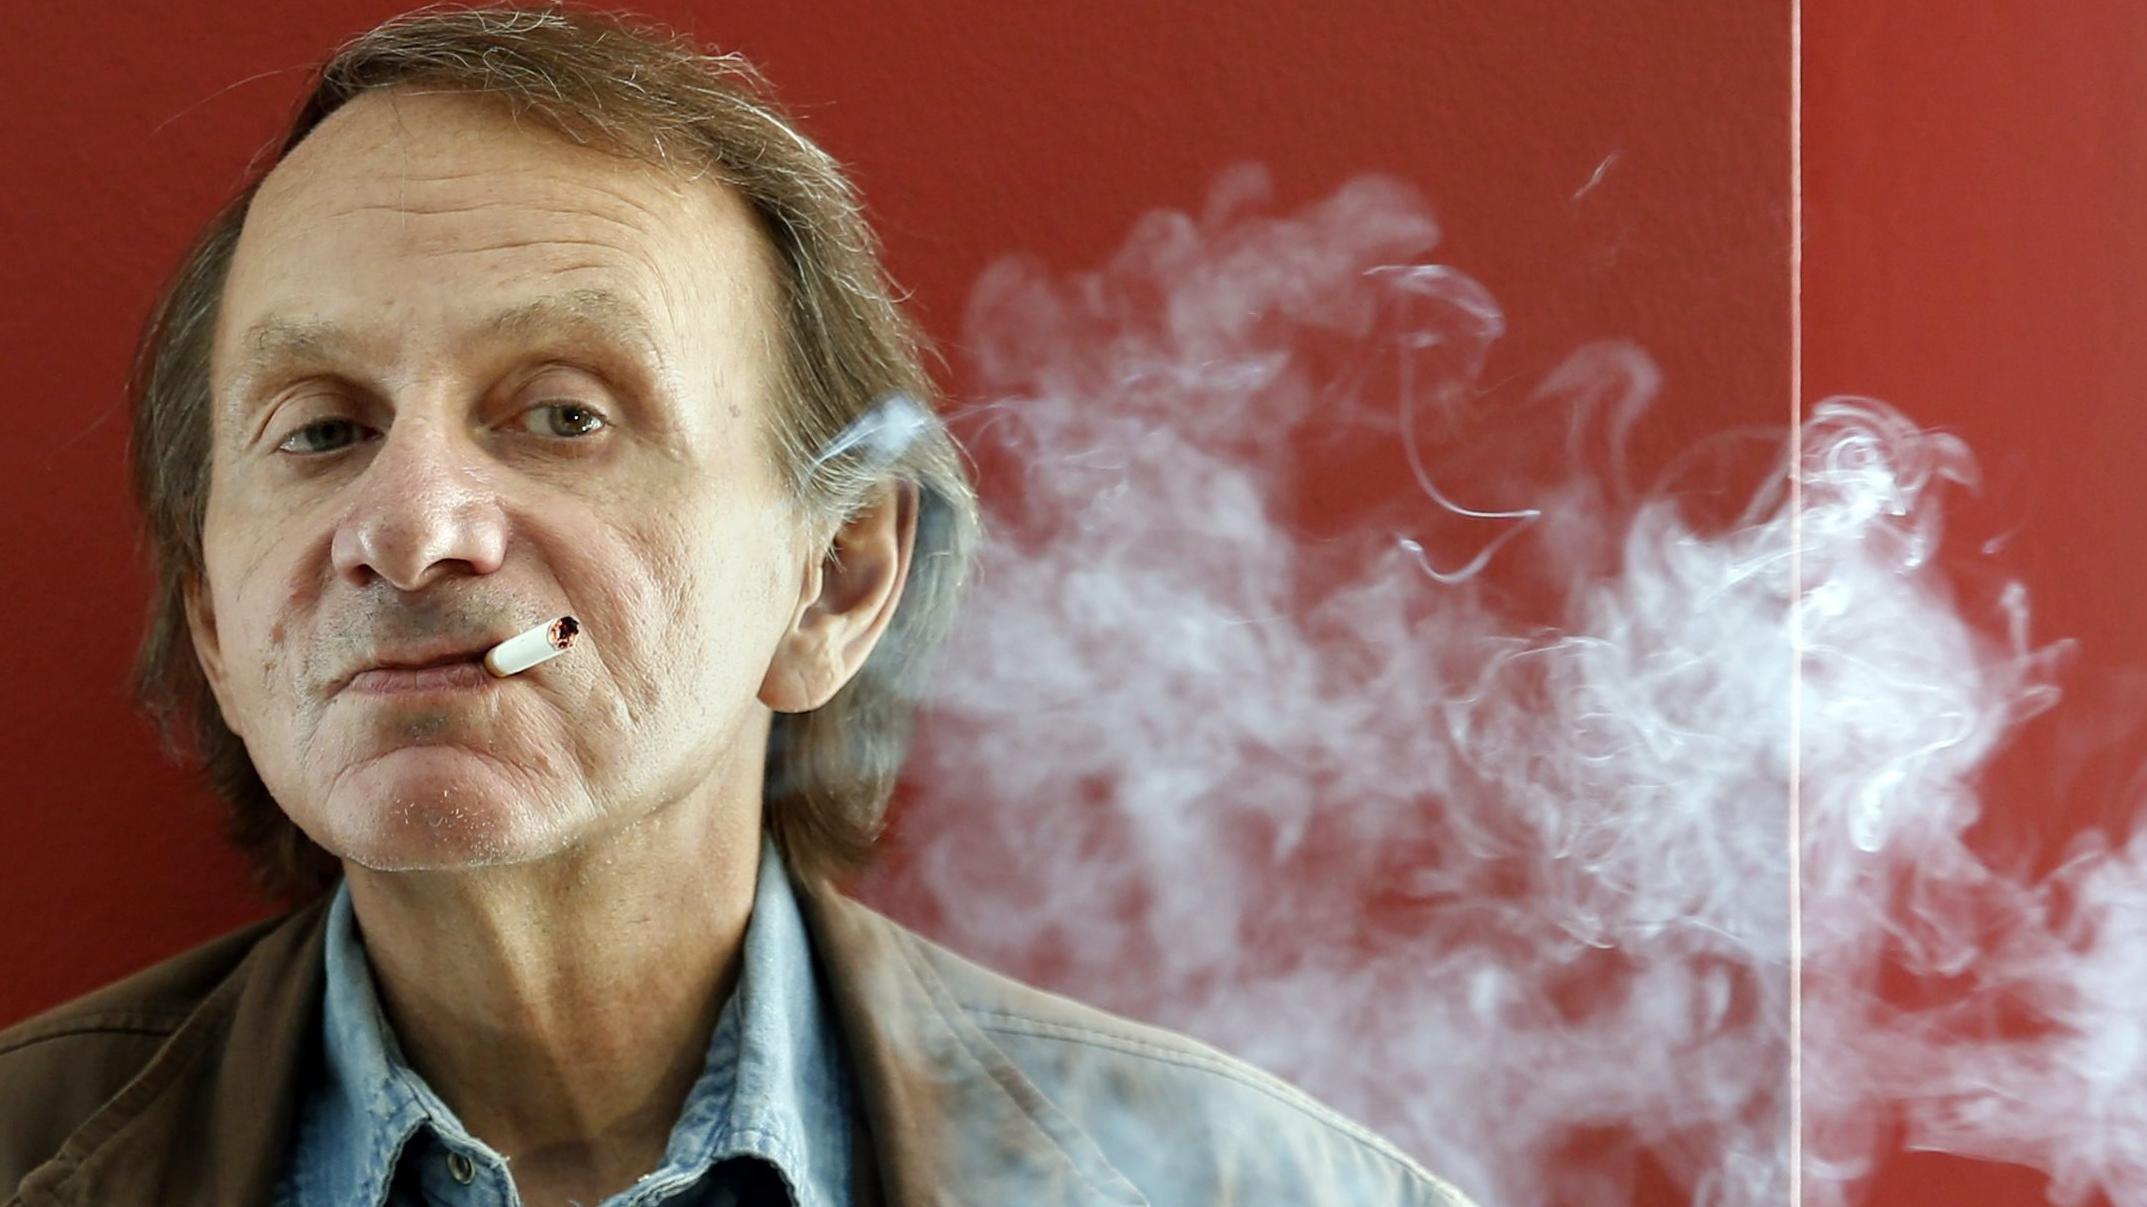 Porträt von Michel Houellebecq vor einer roten Wand, rauchend